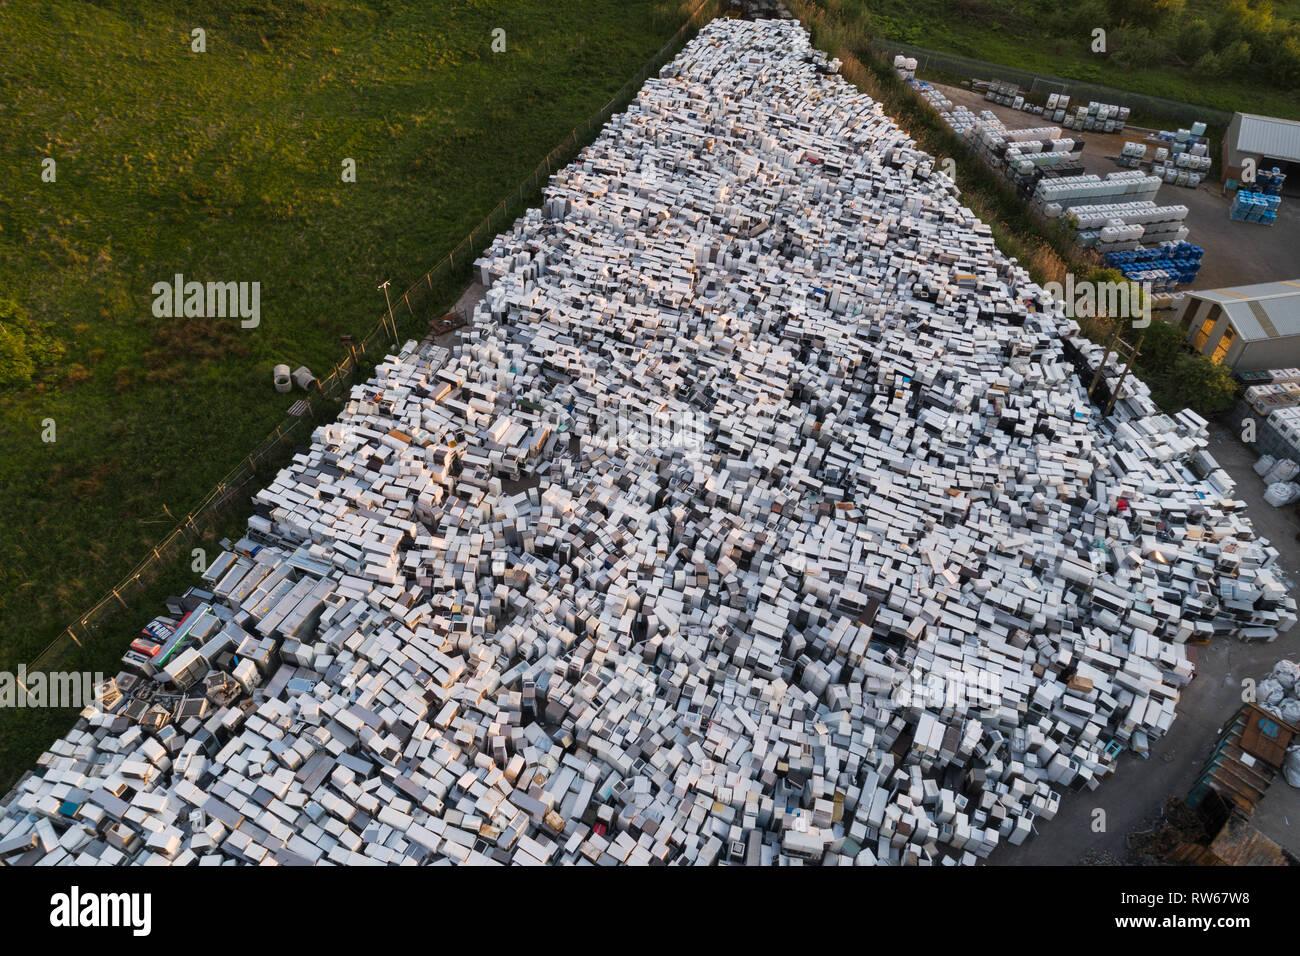 L'image aérienne d'un réfrigérateur le recyclage et l'élimination, à Perth, Ecosse, montrant des milliers de réfrigérateurs dans les cheminées. Photo Stock